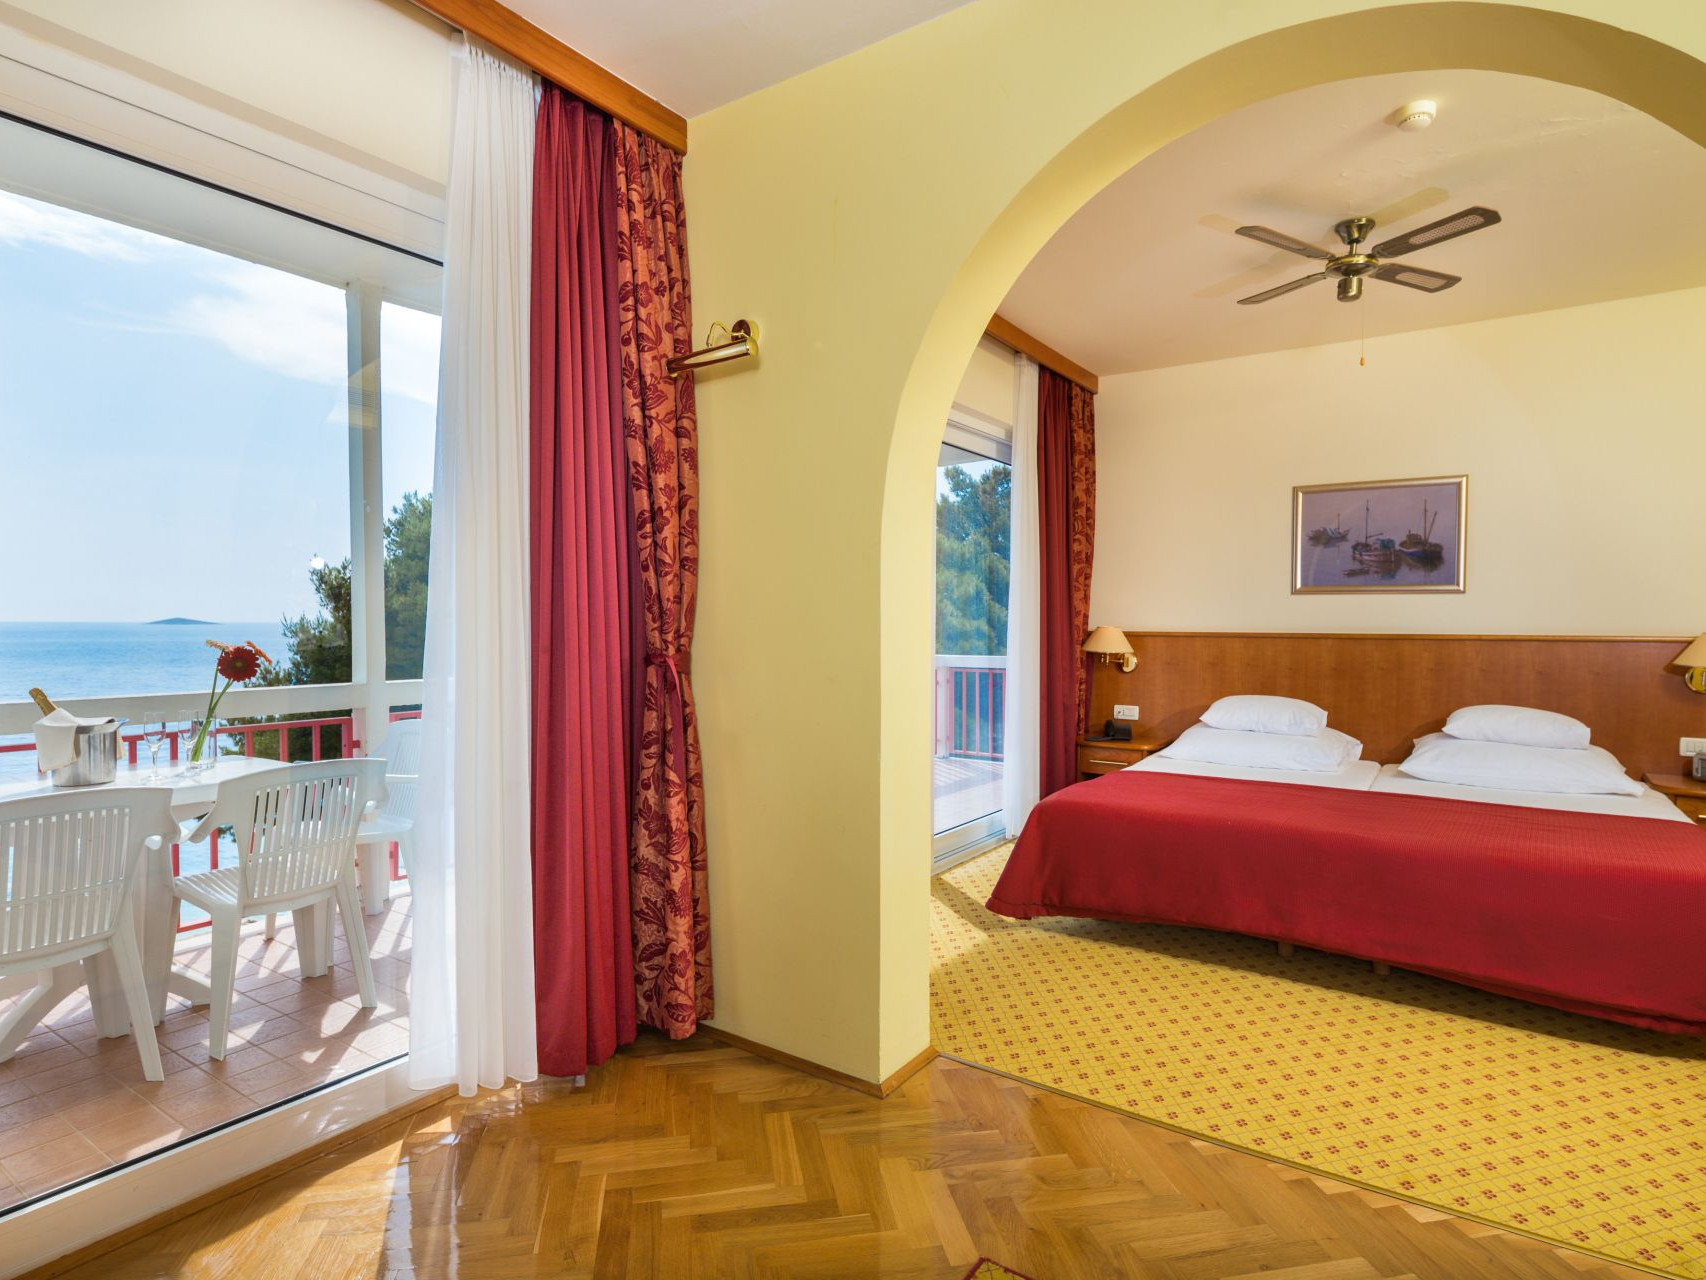 premier club suite 02 14822367451 o uai - Zora Hotel